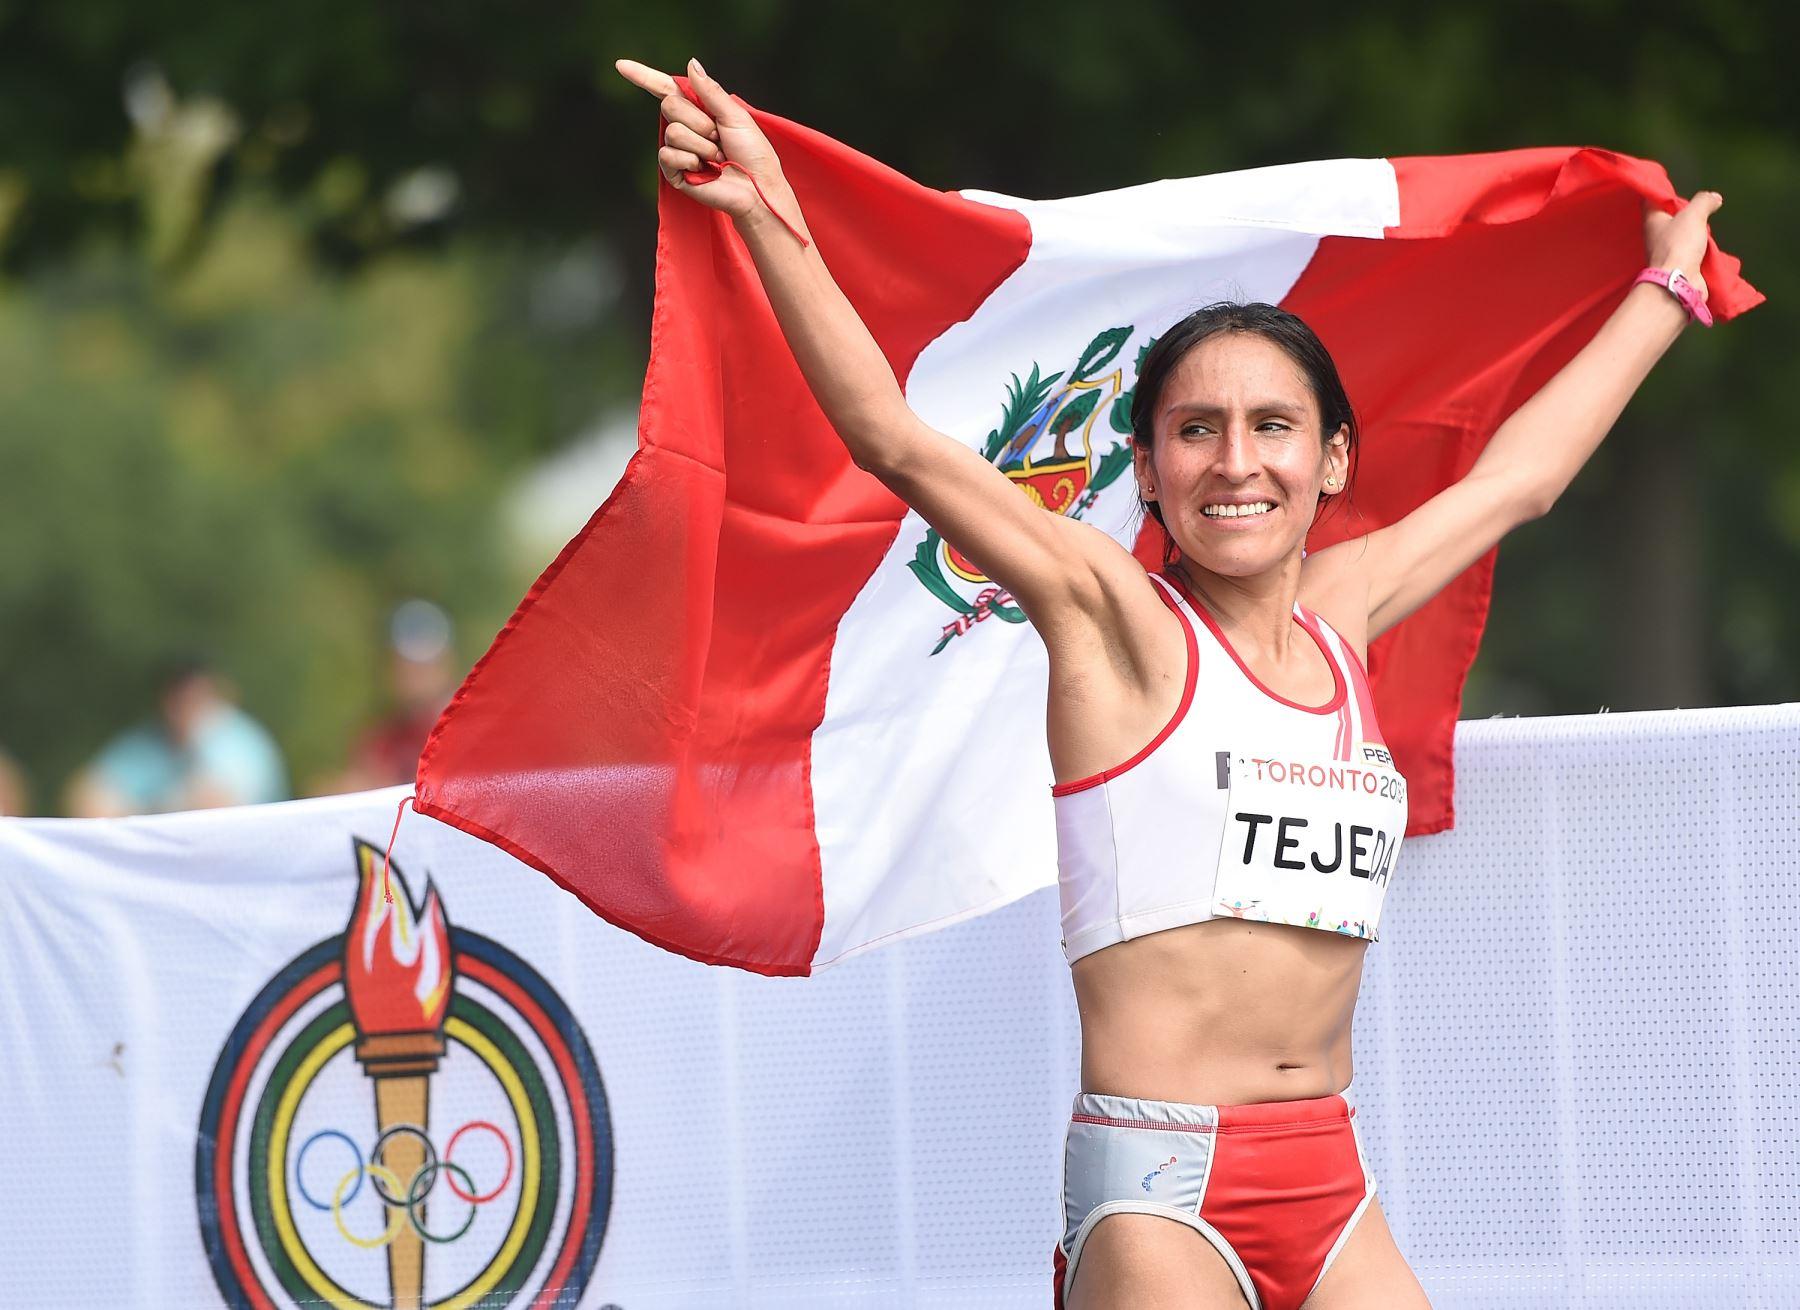 Gladys Tejeda, contrôlée positive après sa victoire au marathon des Jeux Pan Américains de Toronto